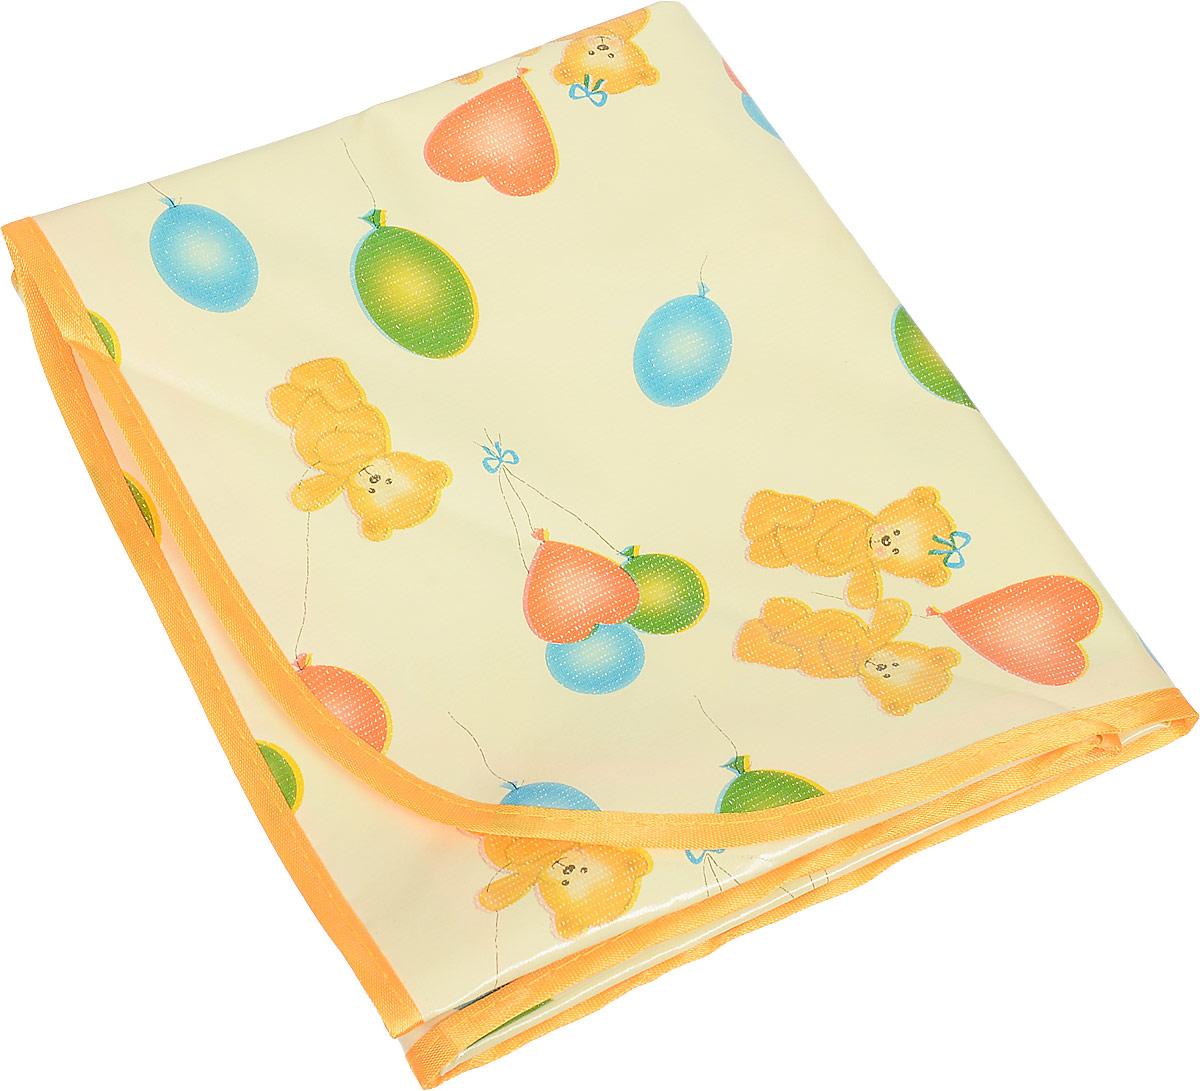 Колорит Клеенка подкладная с окантовкой цвет желтый оранжевый 70 х 100 см колорит клеенка подкладная с резинками держателями для детских колясок цвет бежевый 50 x 70 см